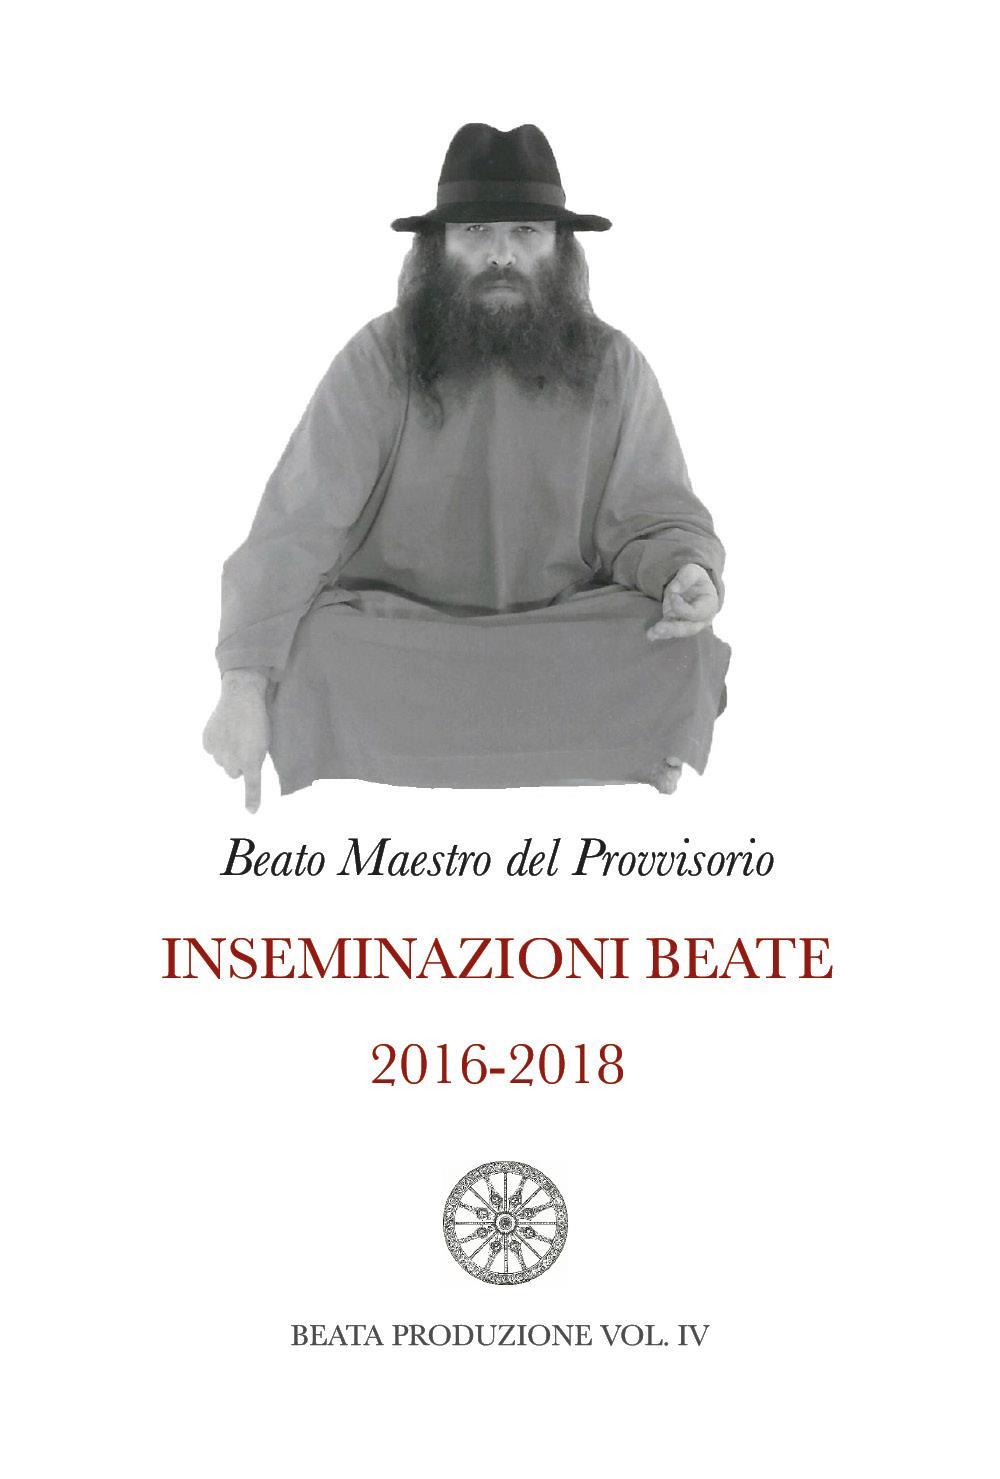 Inseminazioni Beate 2016-2018 VOL. IV